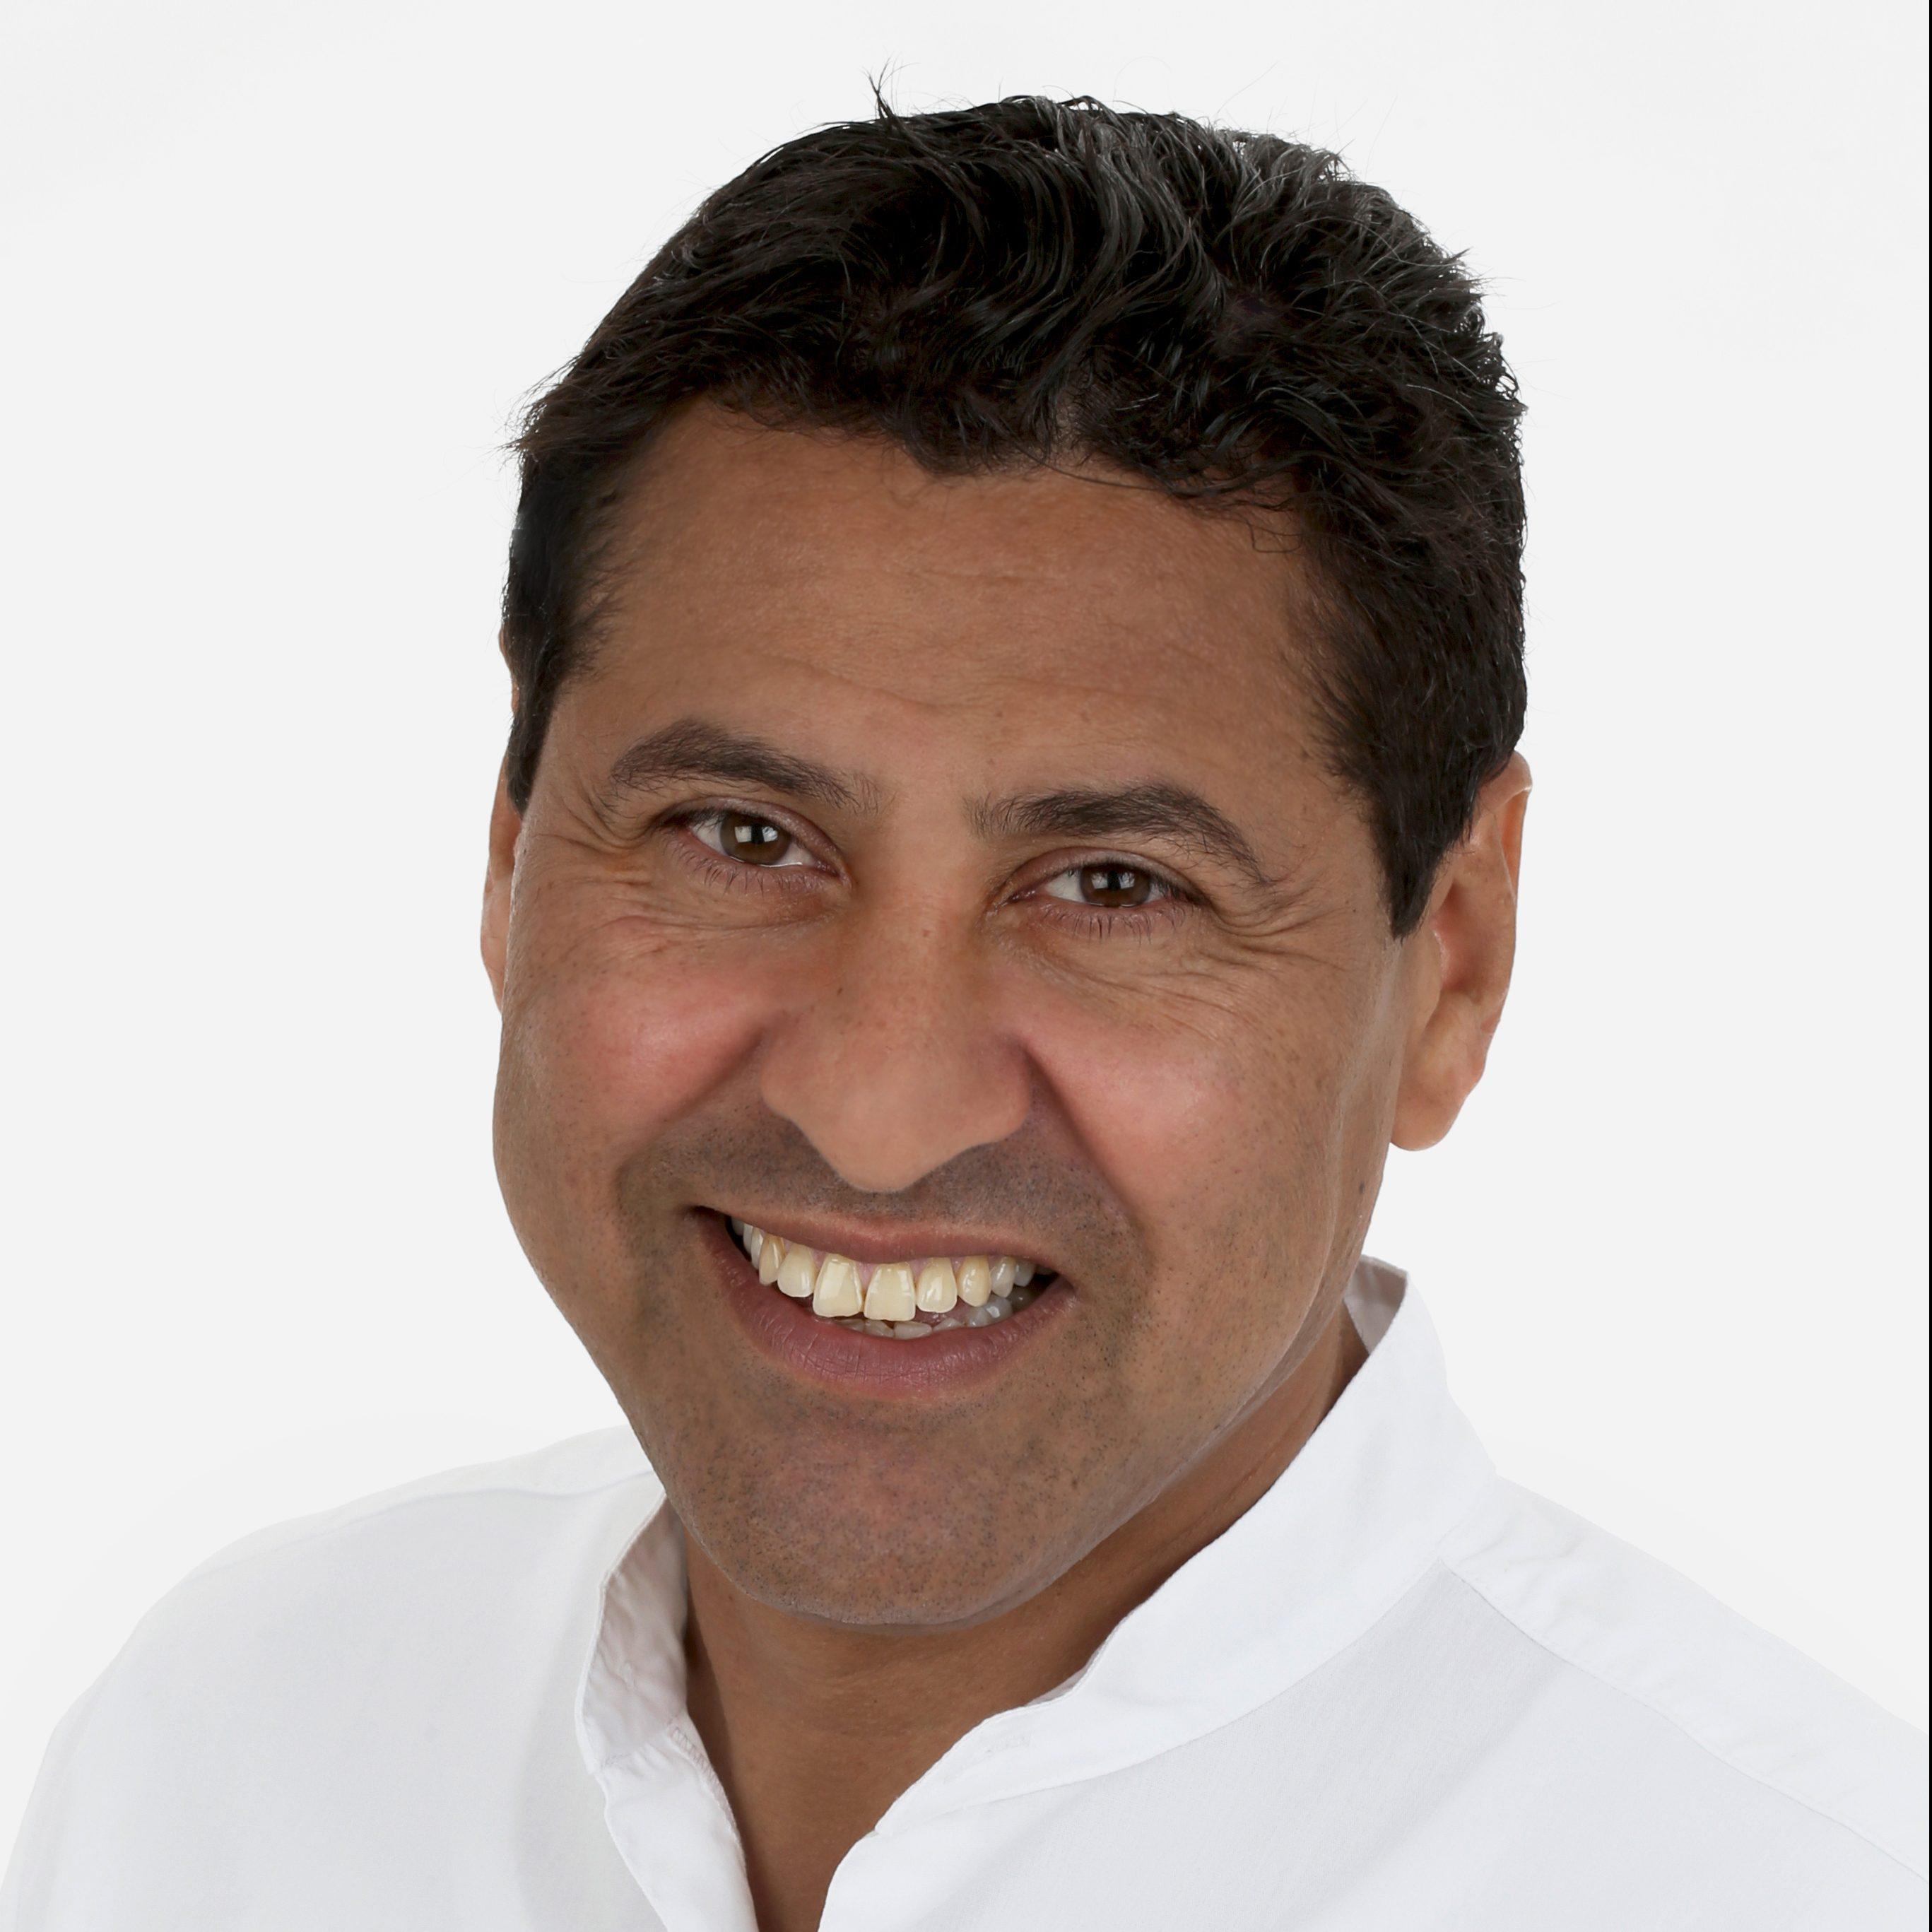 OA Dr. Al-Qassab Younis ZISOP